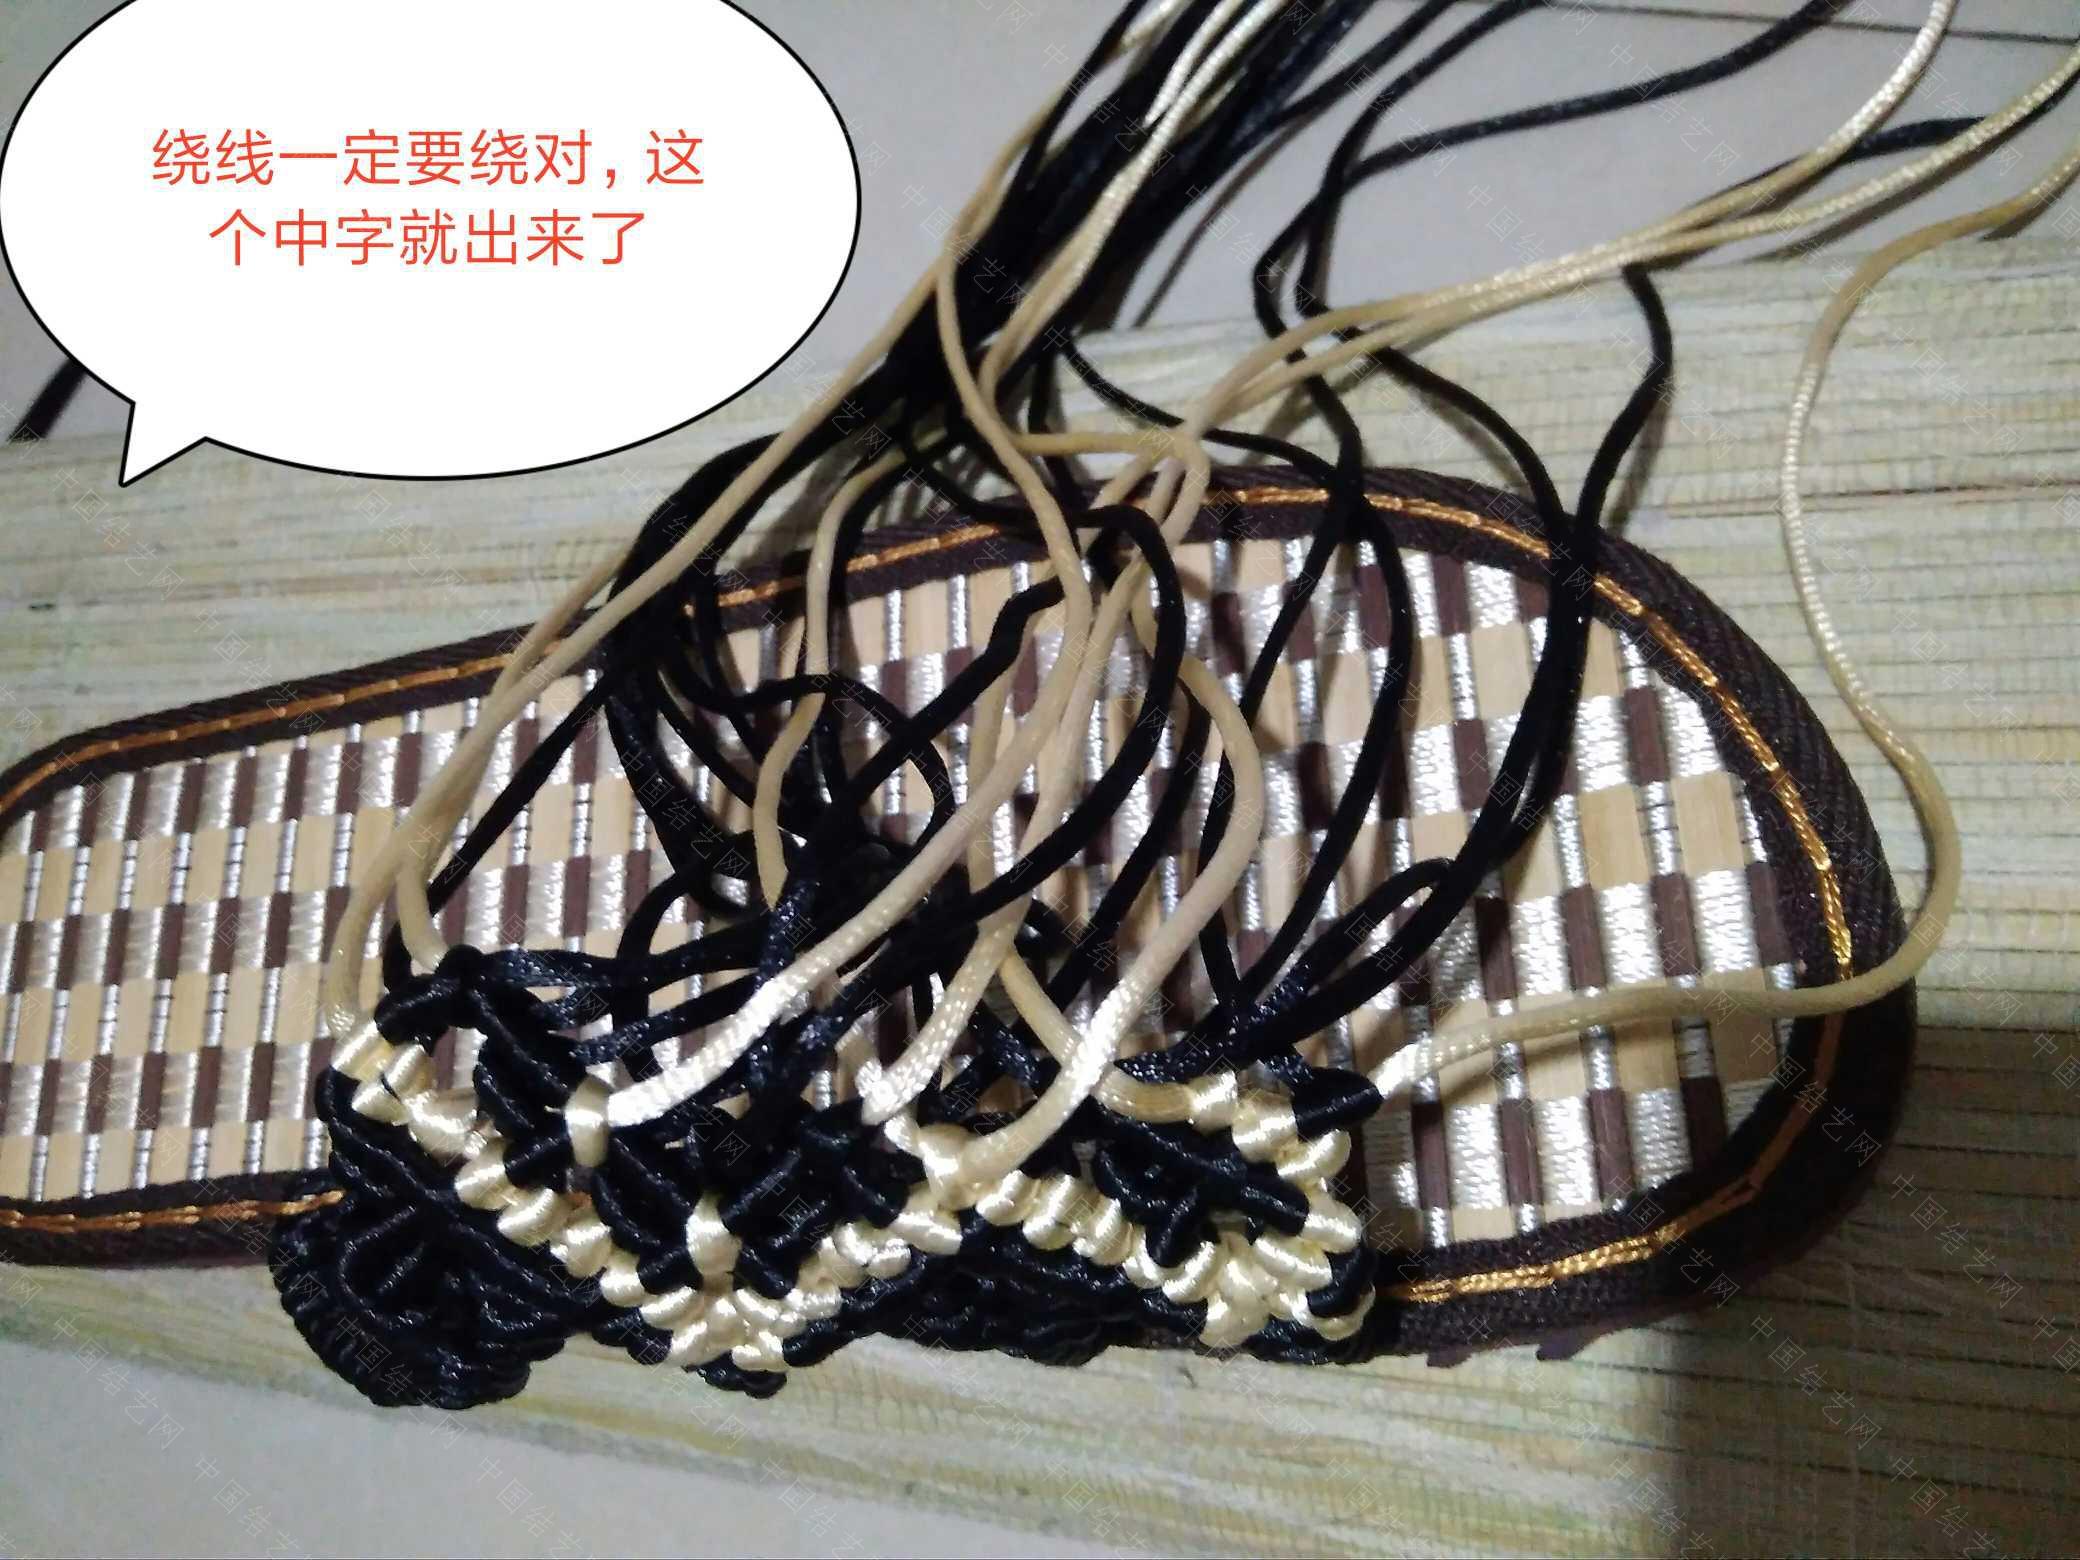 中国结论坛 中字拖鞋  图文教程区 223526o108pqi06j86107p